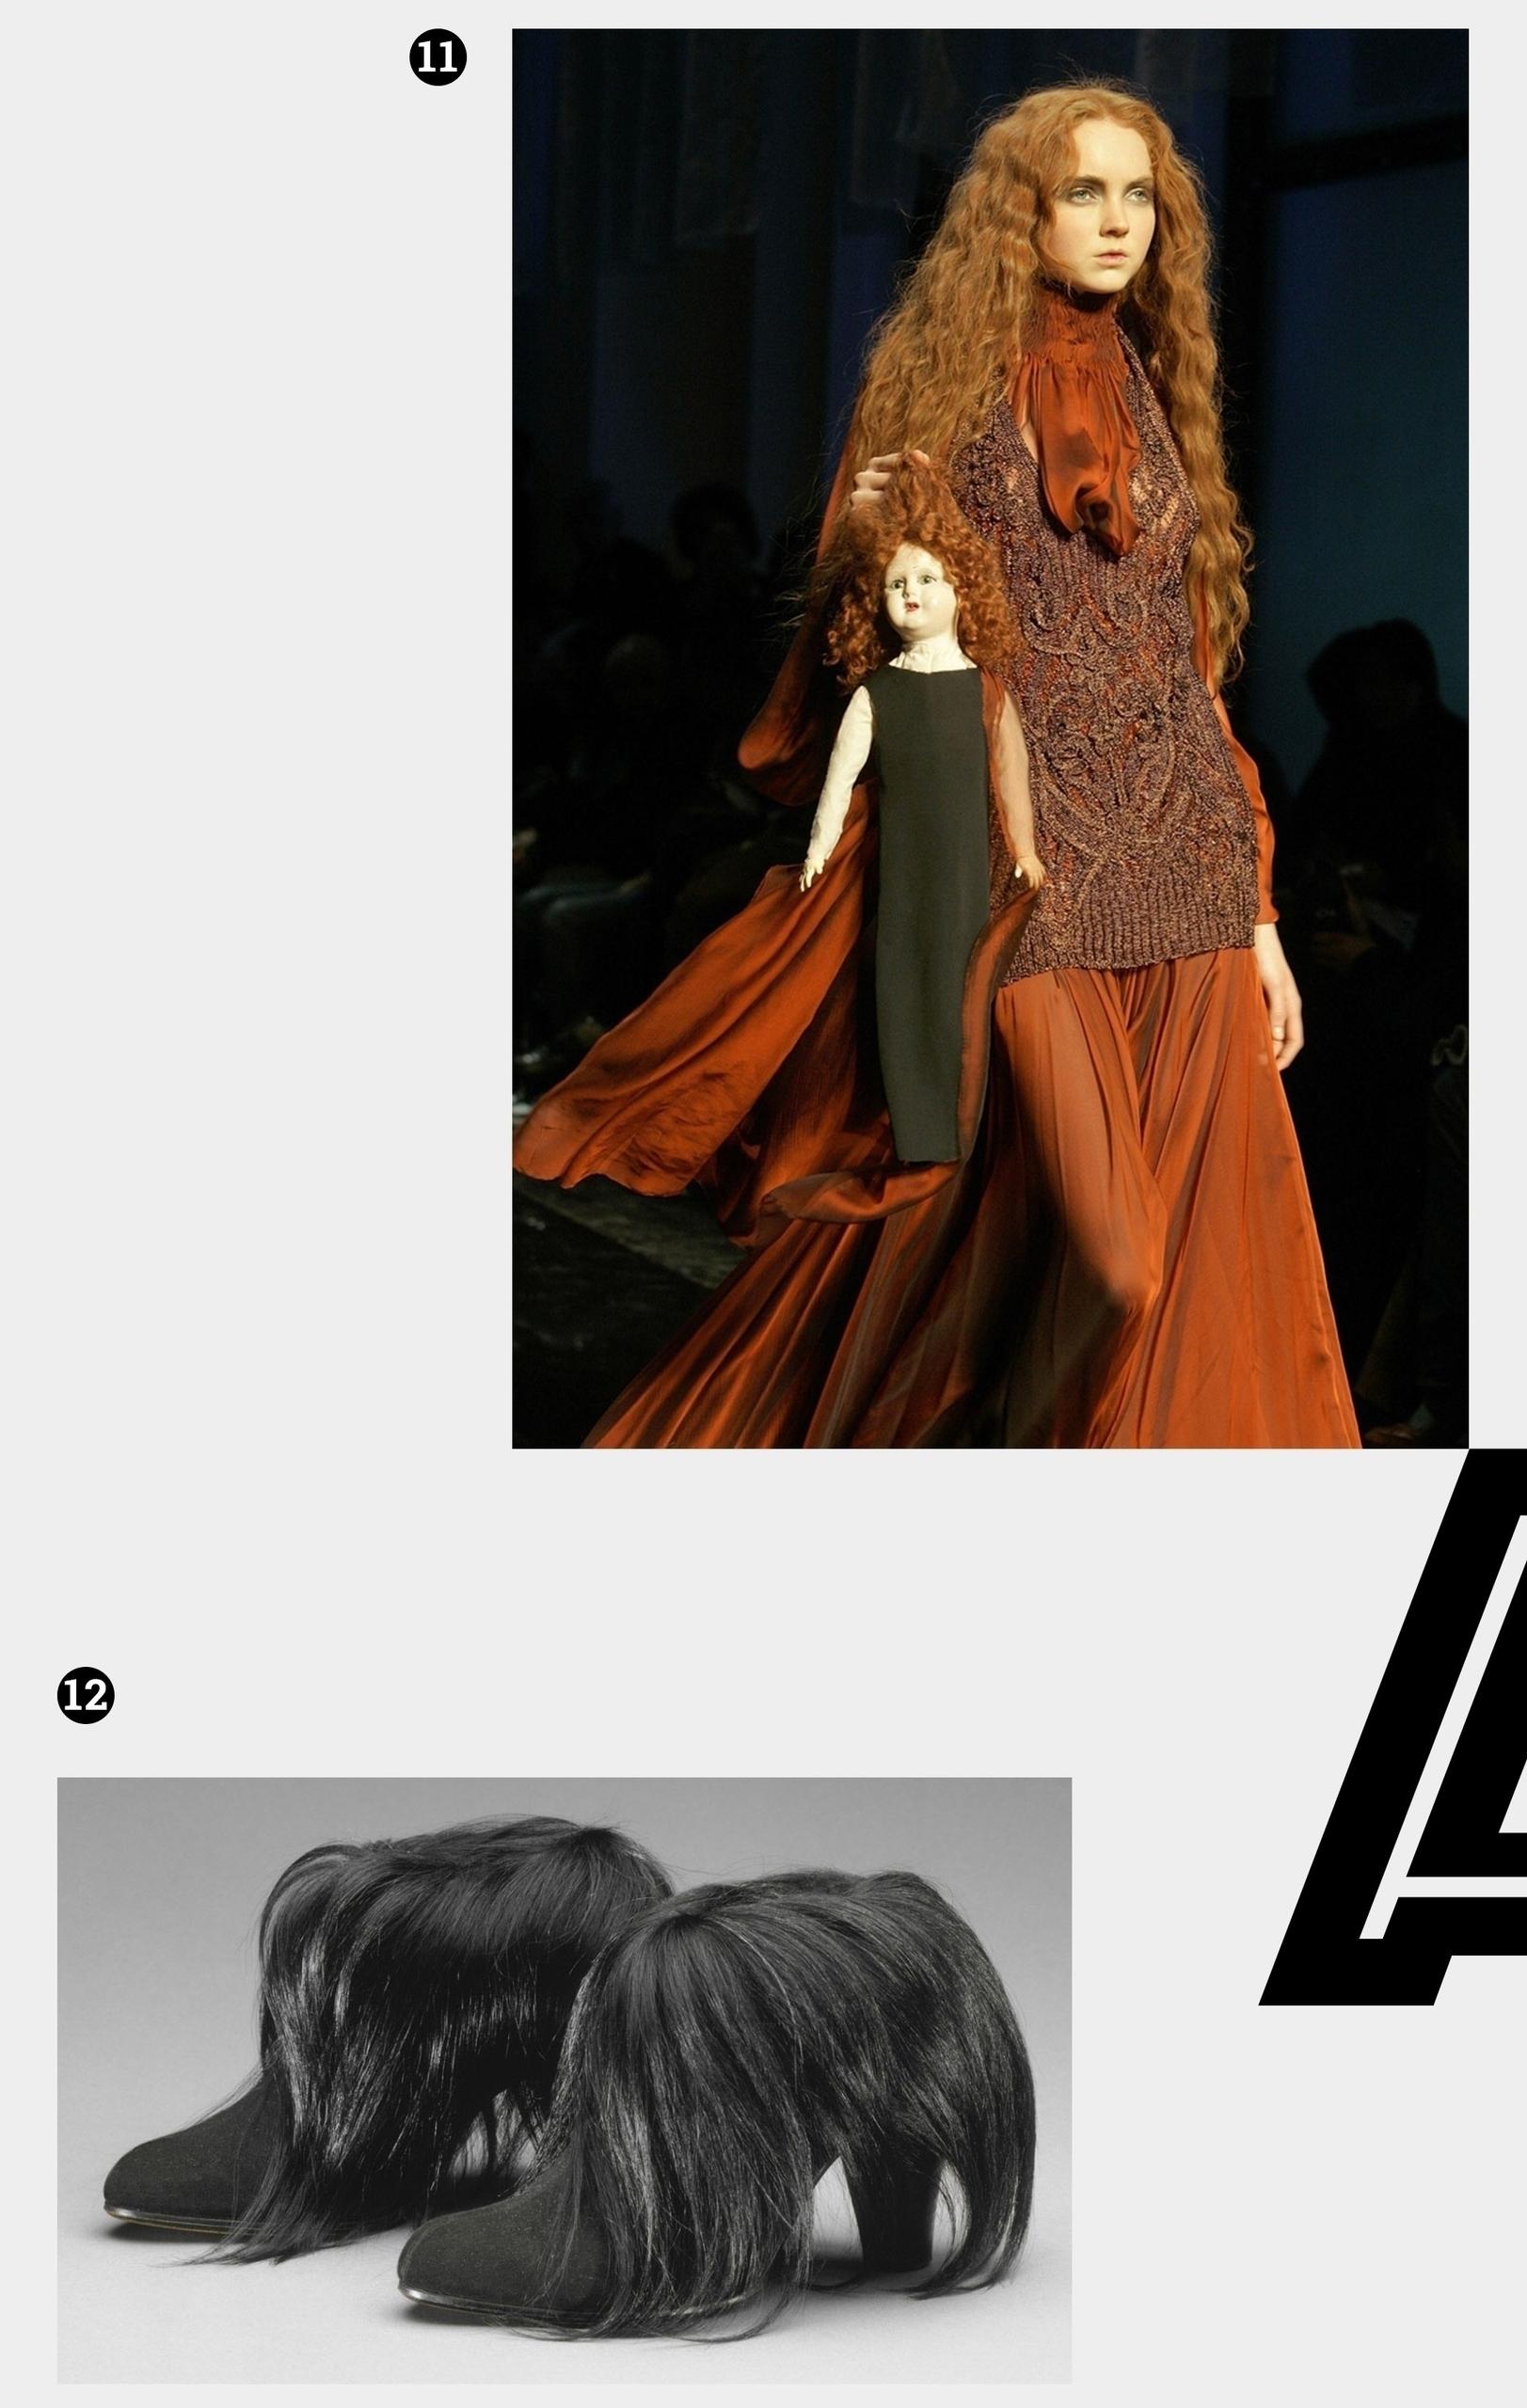 Obraz przedstawia dwie fotografie na jasnoszarym tle. Widzimy rudą kobietę trzymającą lalkę i czarne buty na obcasie.